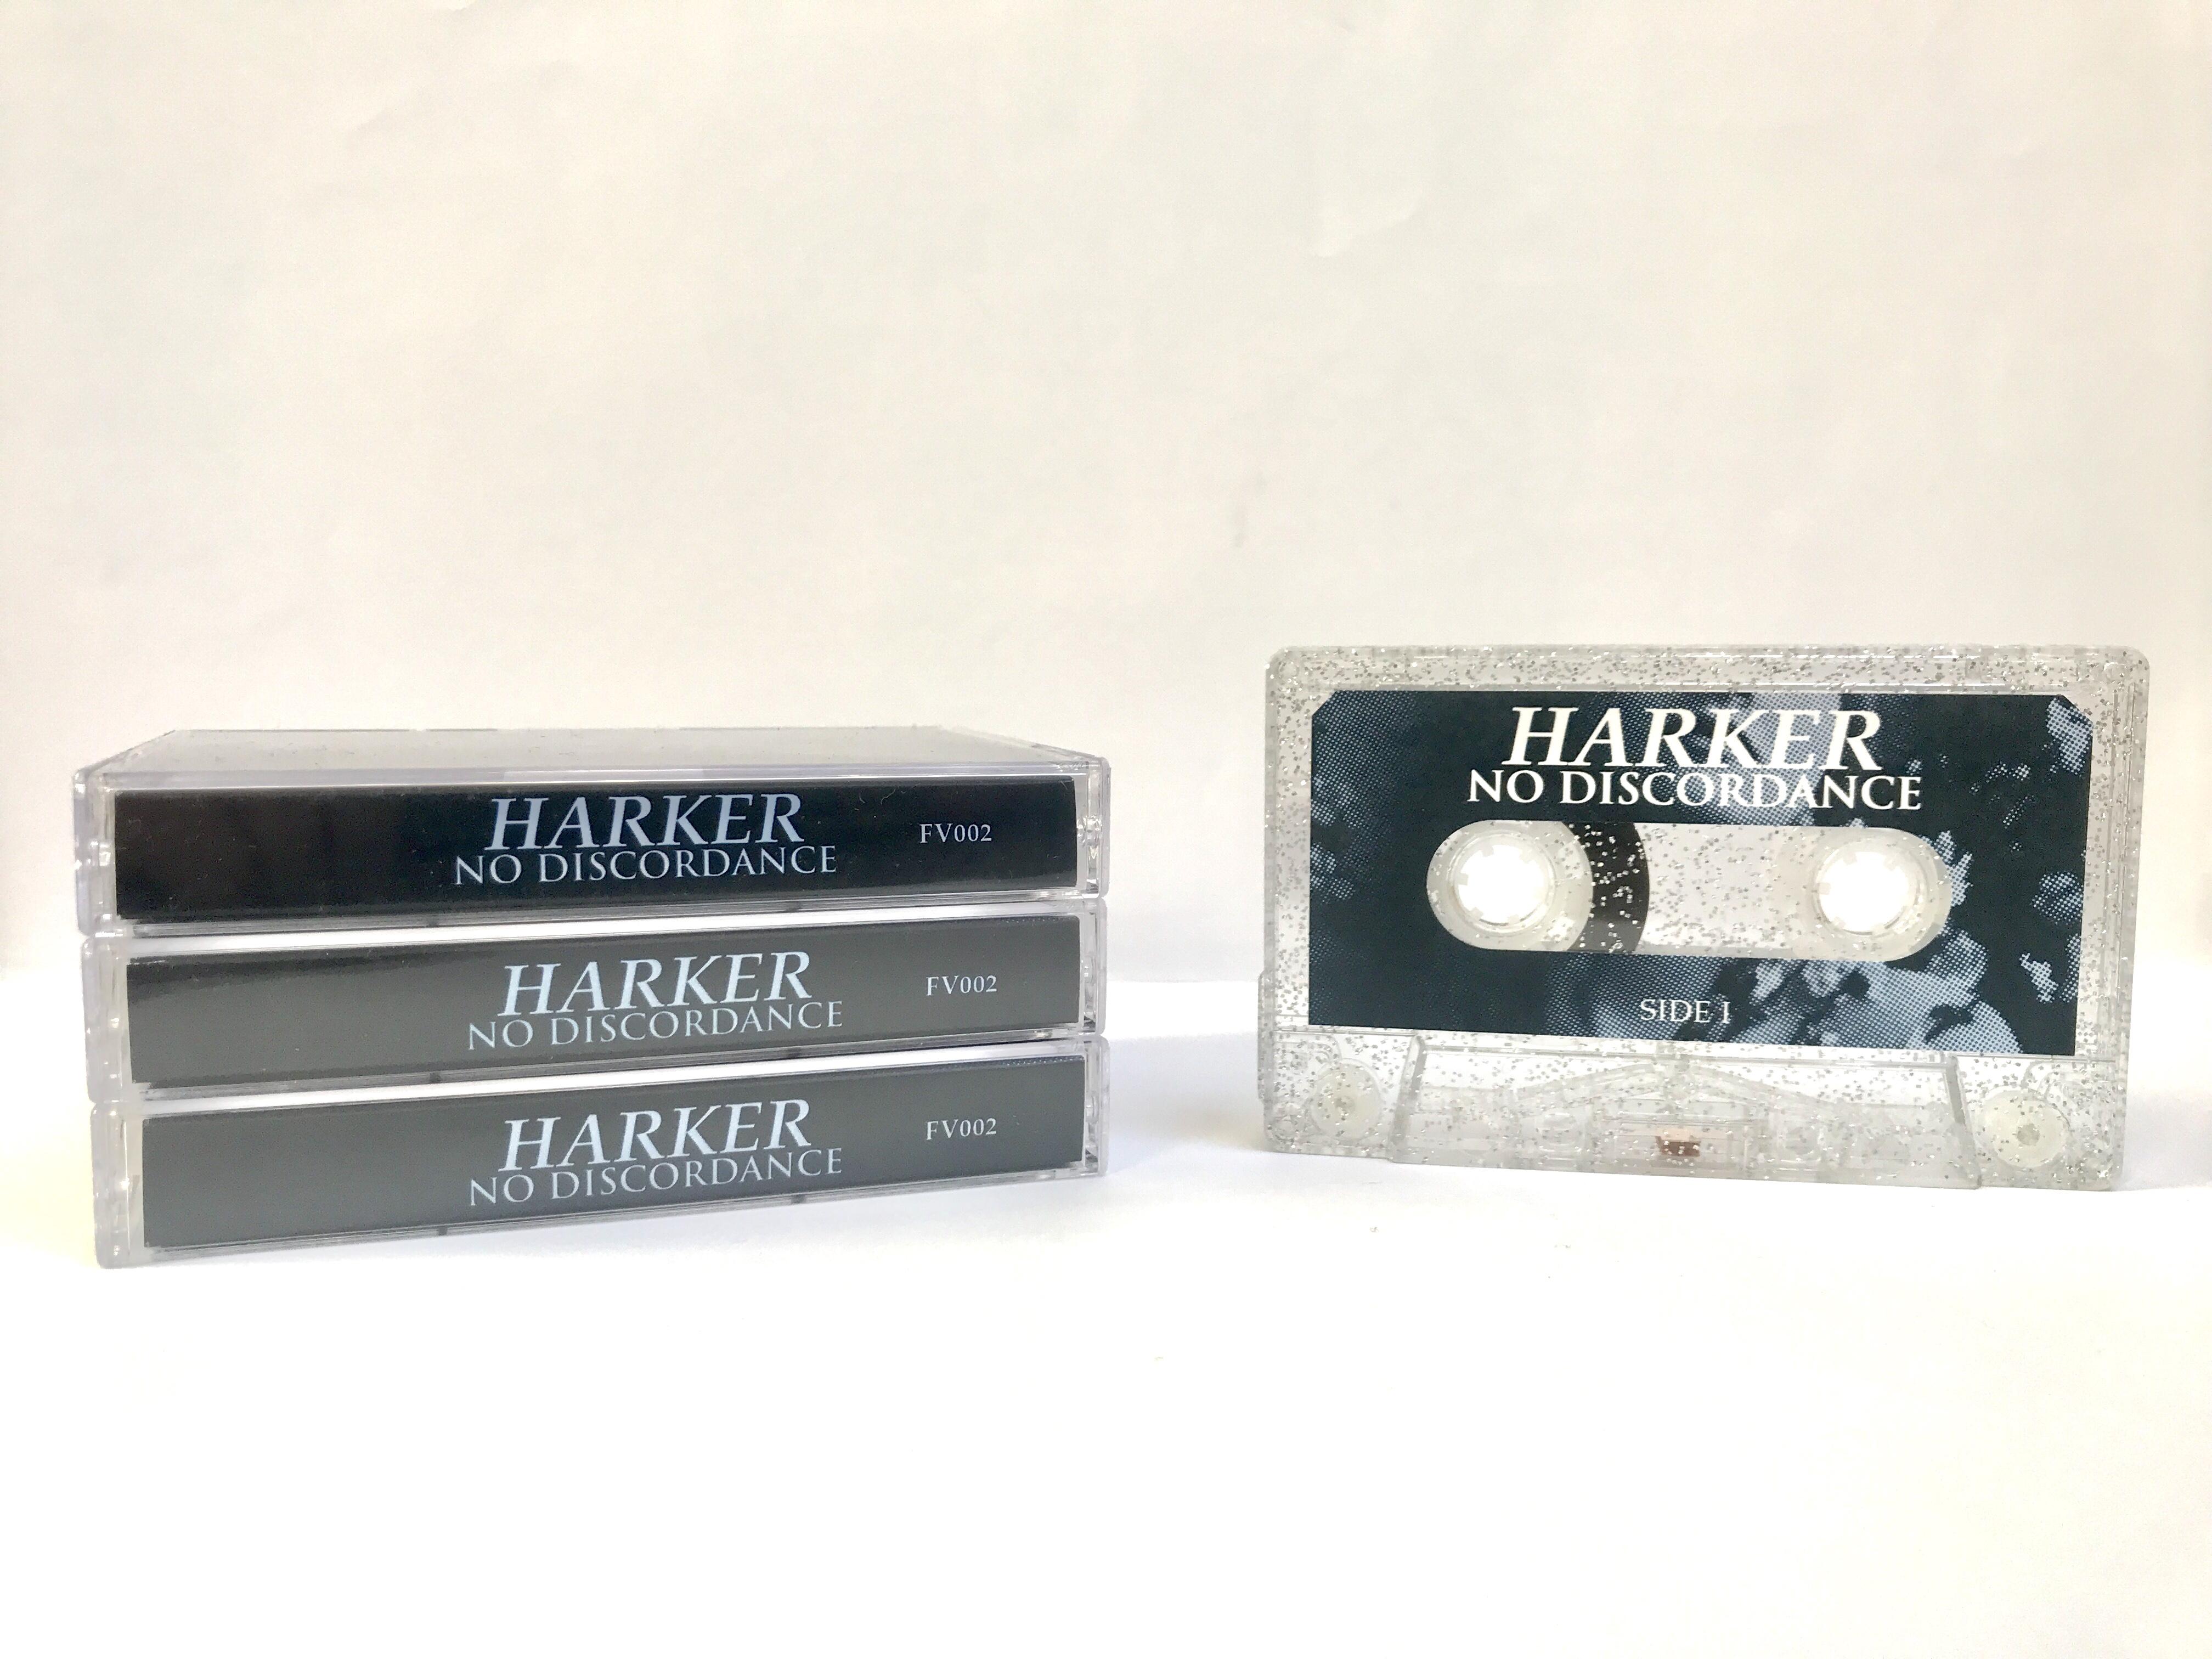 Harker - No Discordance